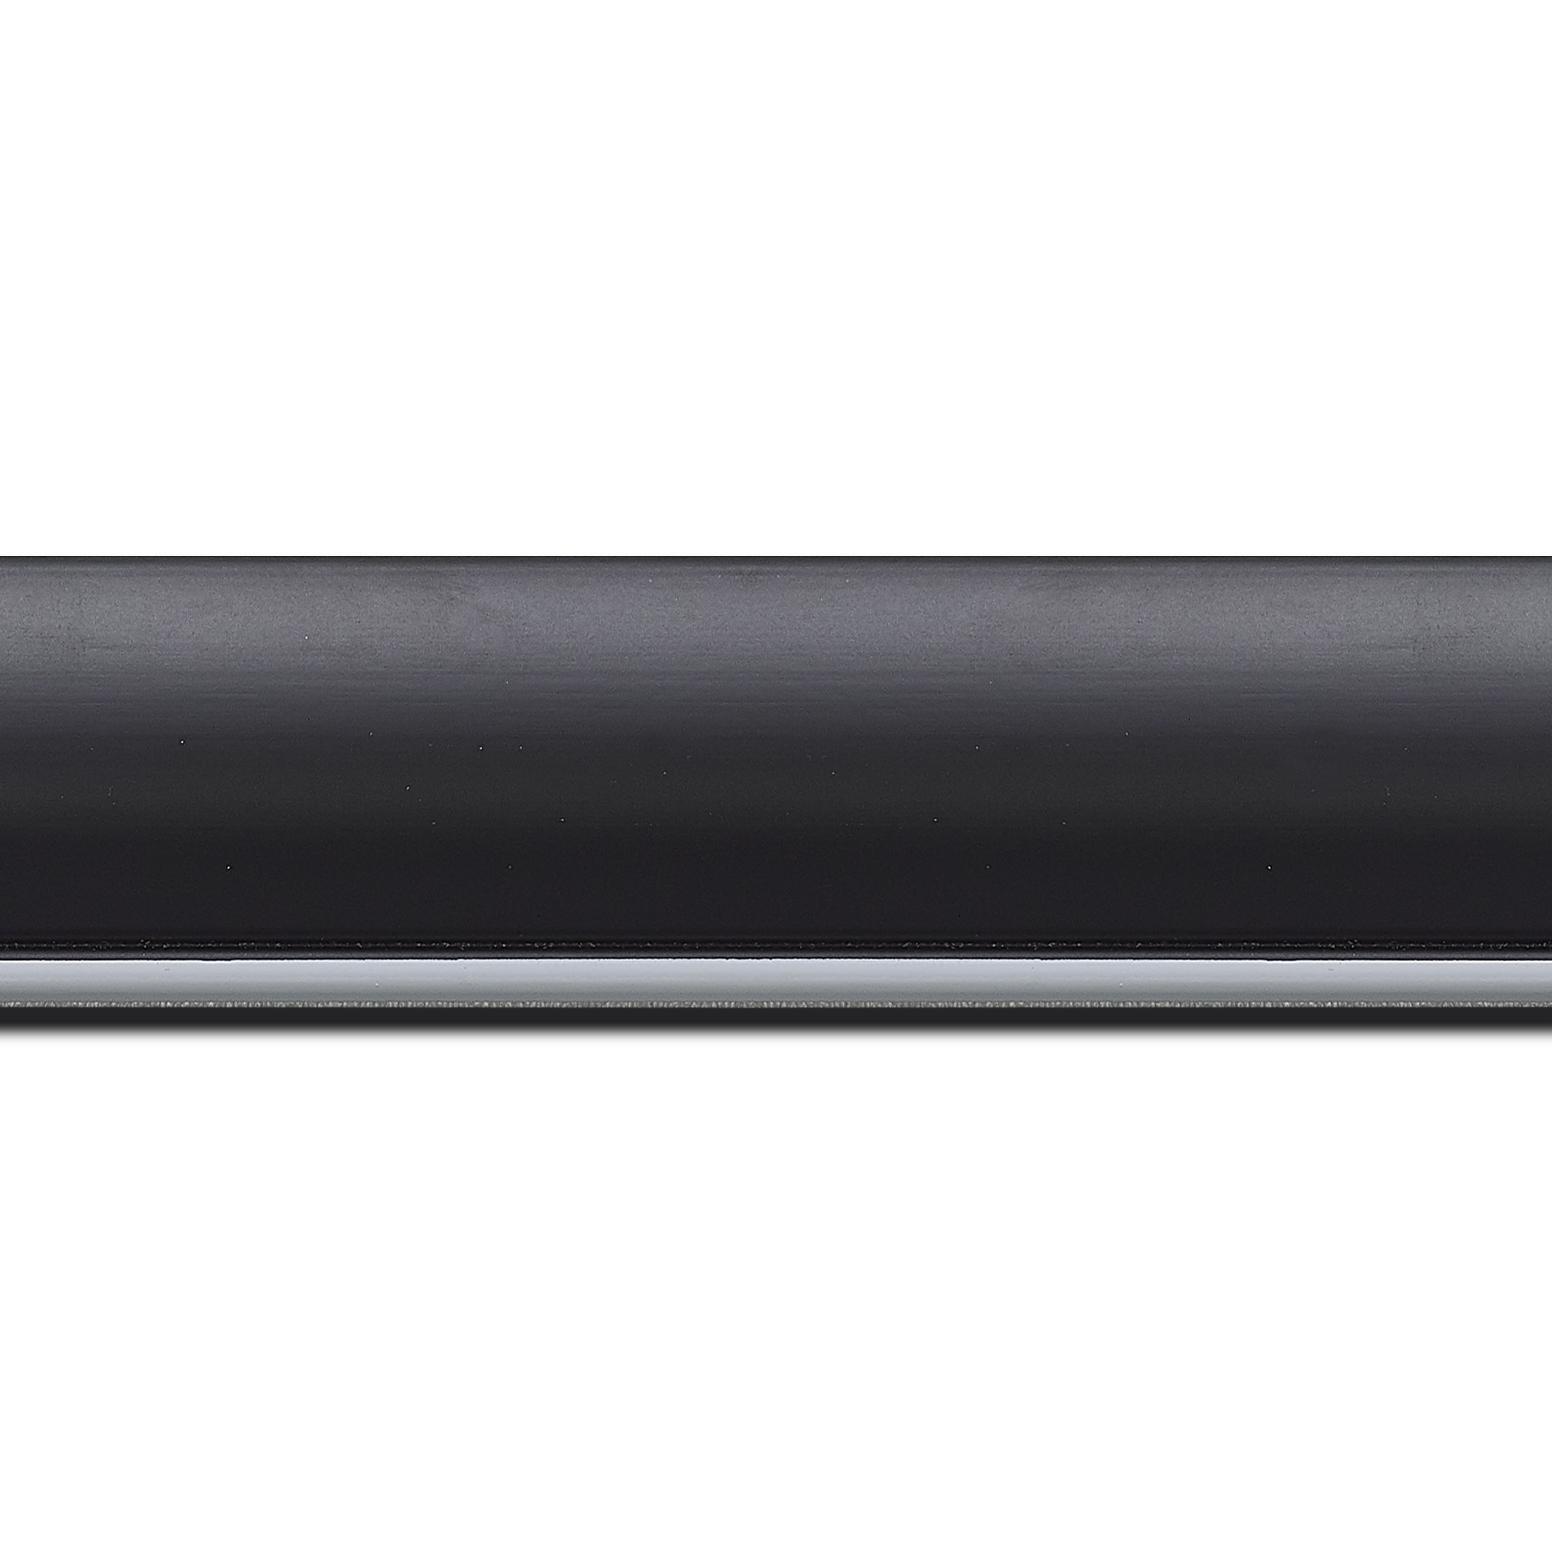 Baguette longueur 1.40m bois profil arrondi largeur 4.7cm couleur noir mat finition pore bouché filet blanc mat